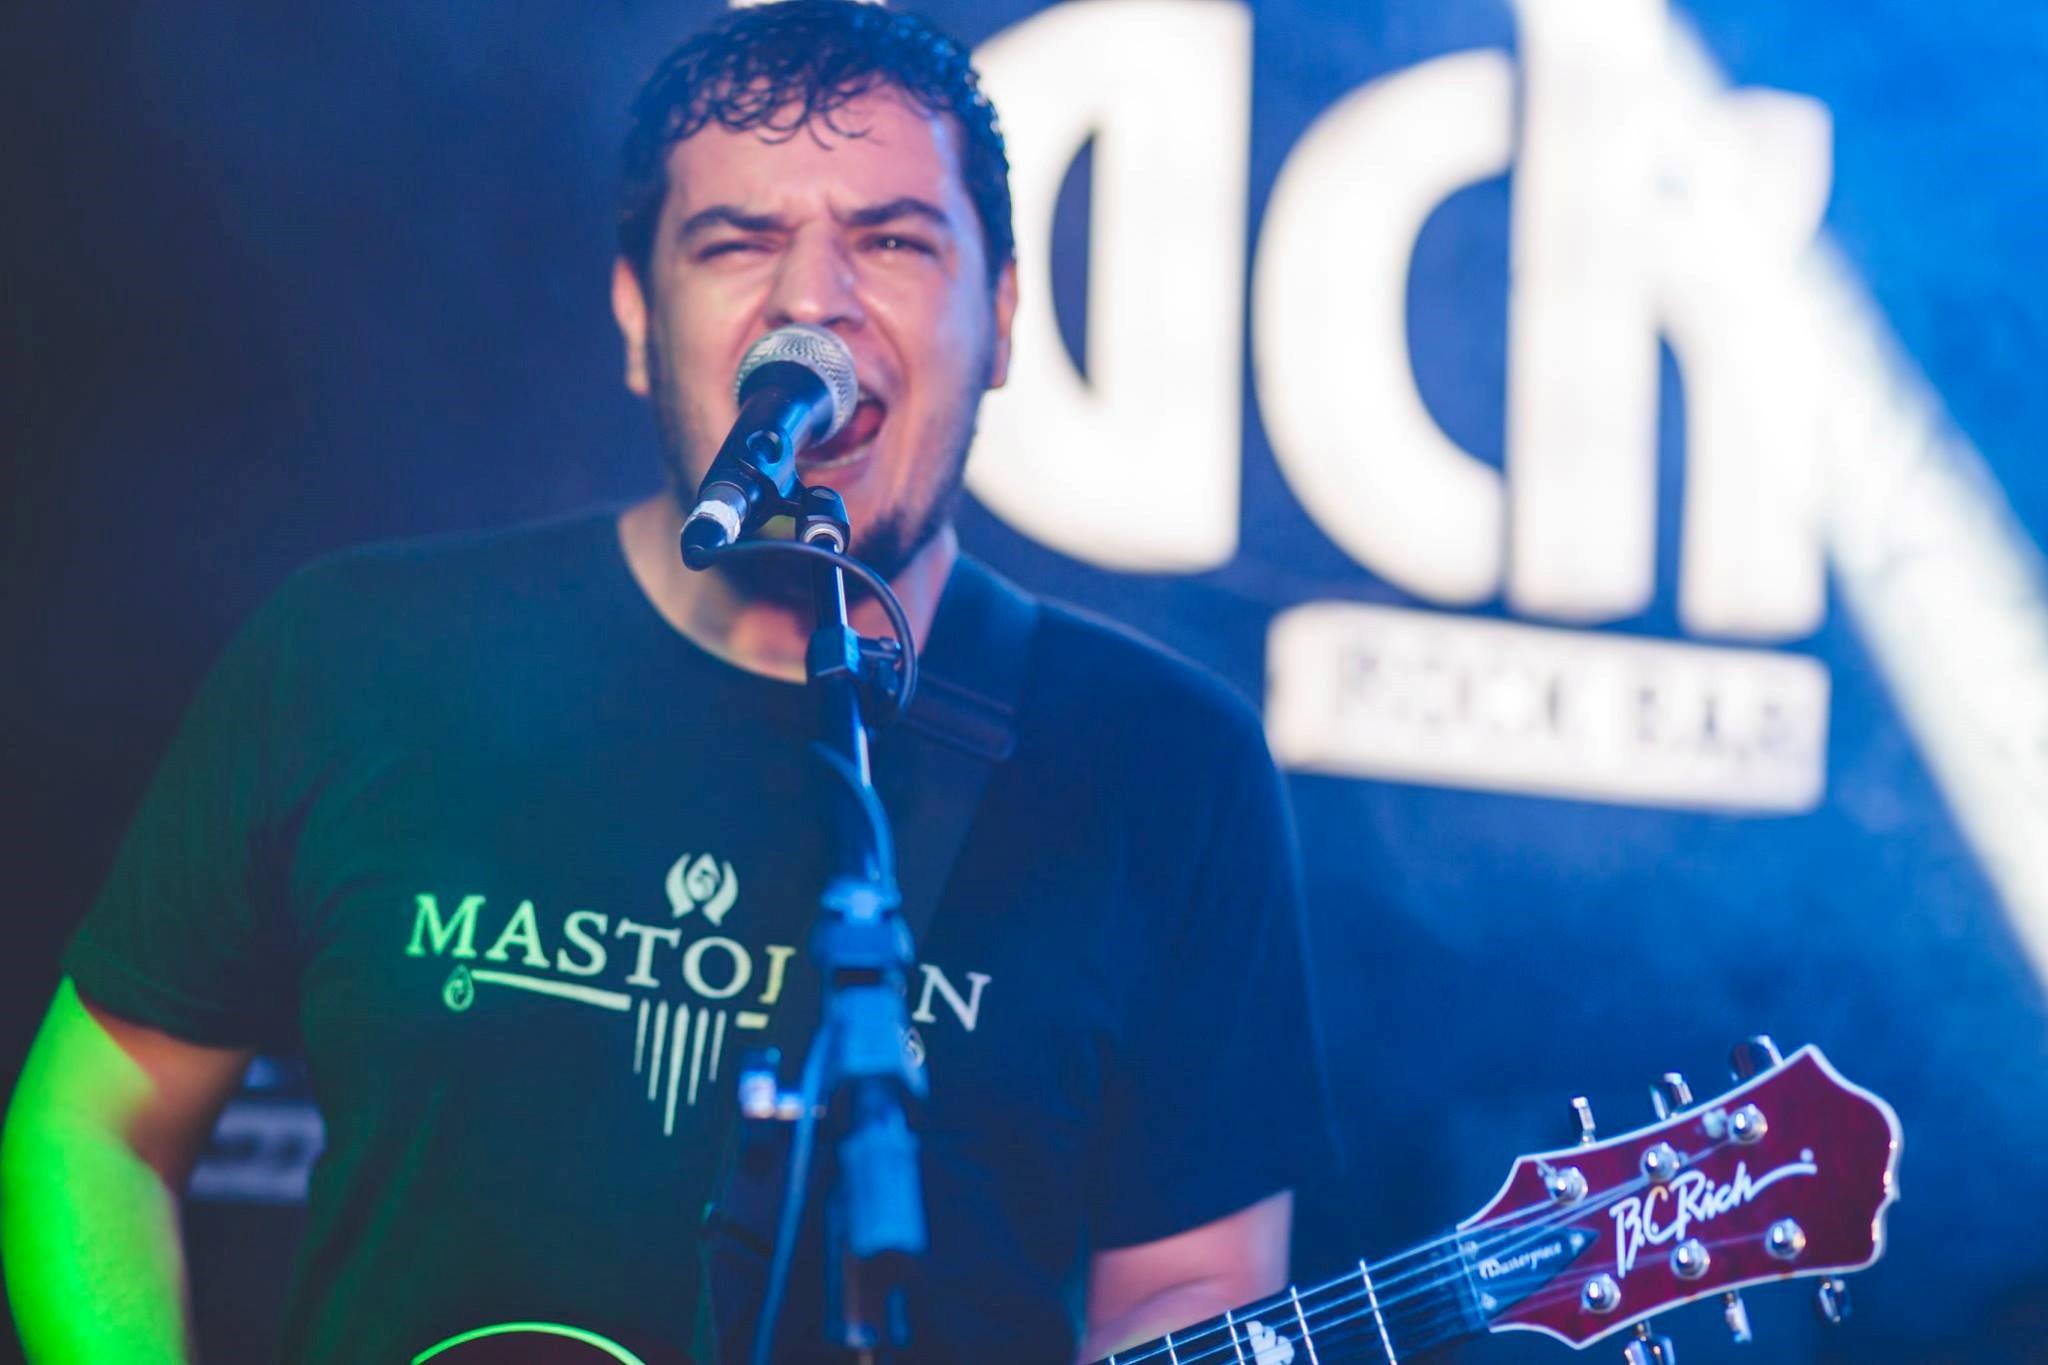 Read more about the article Beto Lani: Guitarrista participará do Metal com Batata Festival com cover do Slipknot